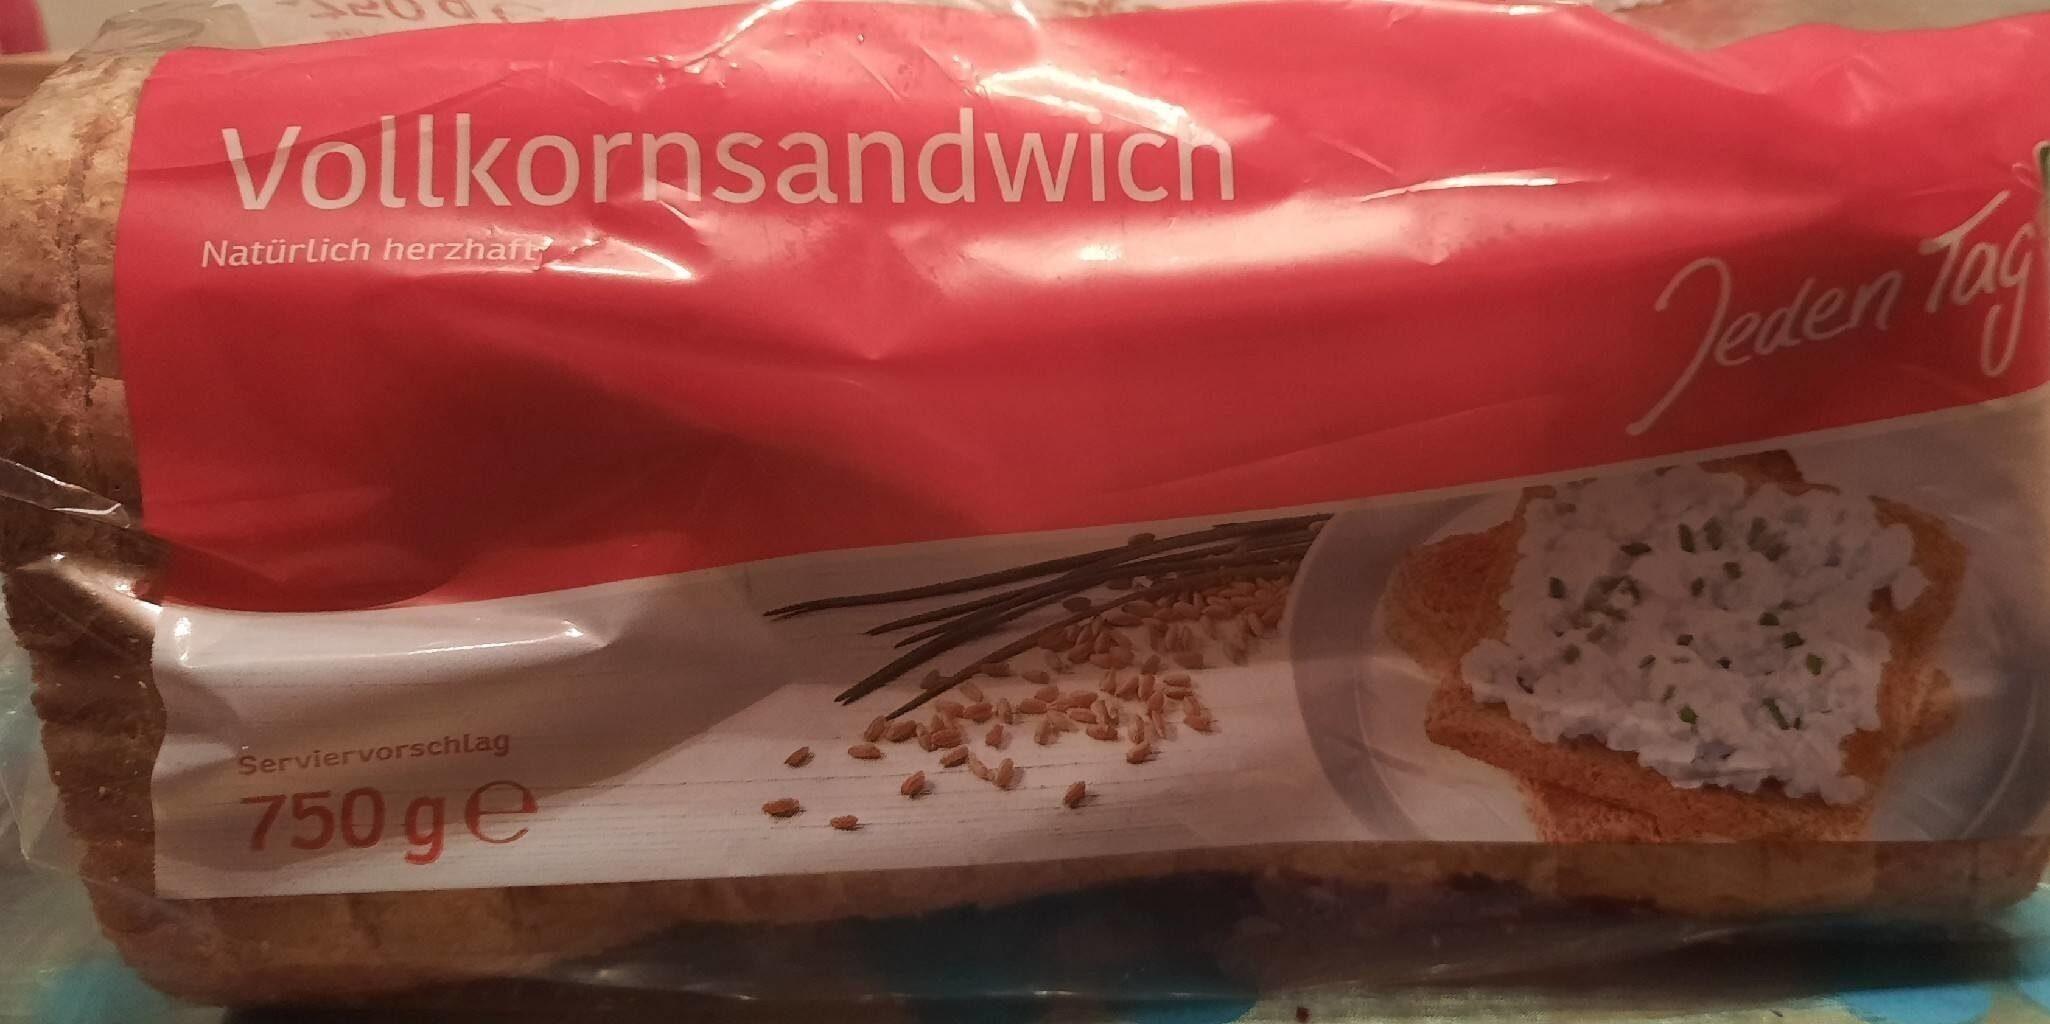 Vollkornsandwich - Produkt - de